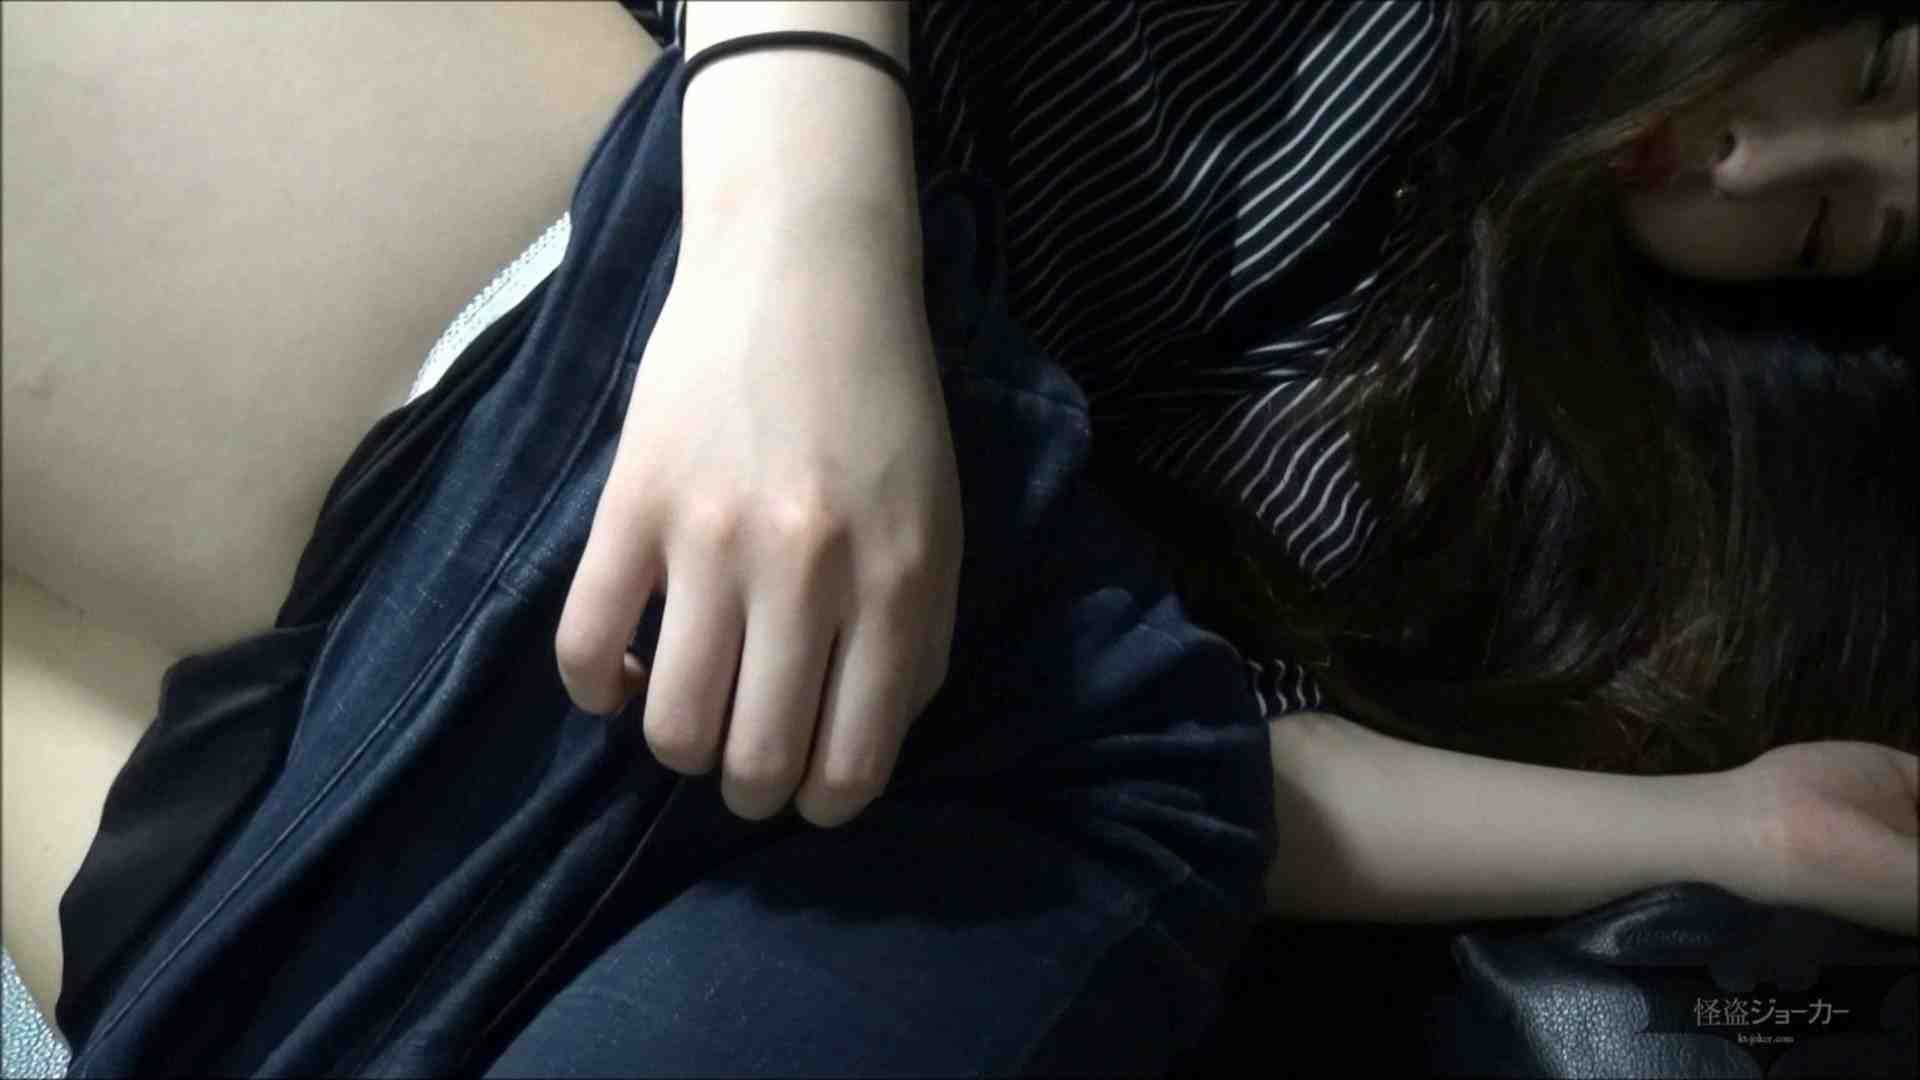 【未公開】vol.89 {黒髪女子18歳}押しに弱いYURIちゃん。 高画質 | 盛合せ  75画像 7